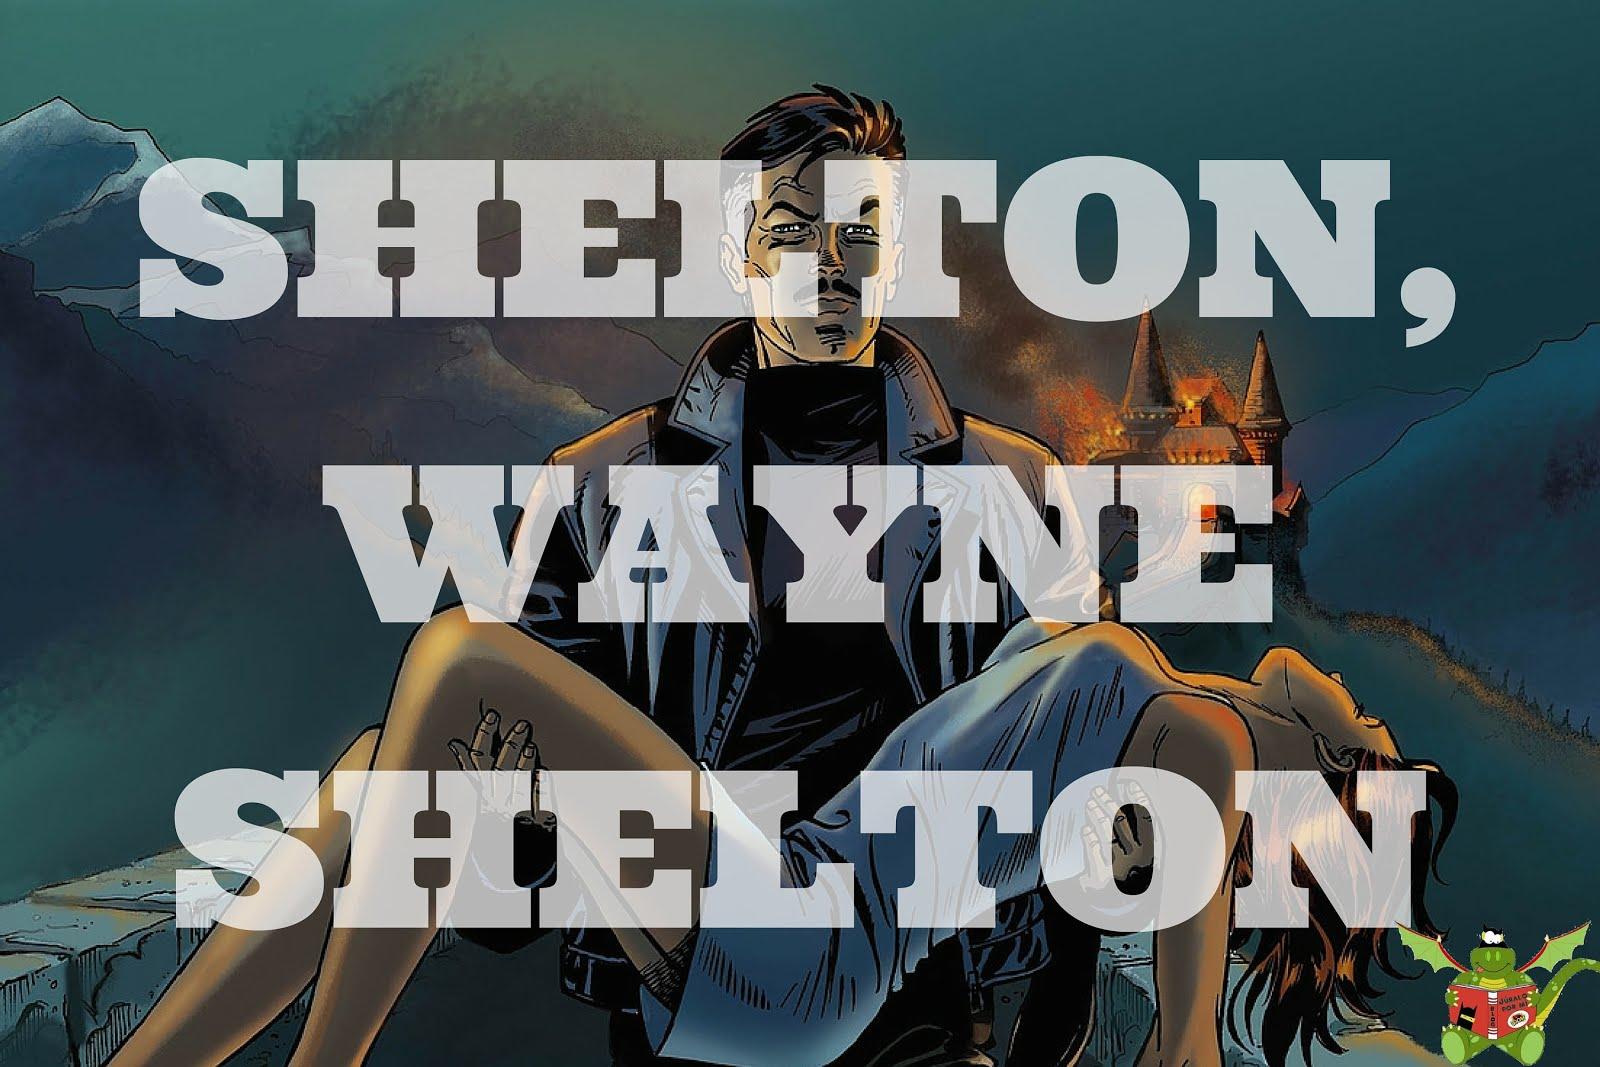 Hablamos de la saga Wayne Shelton en Youtube